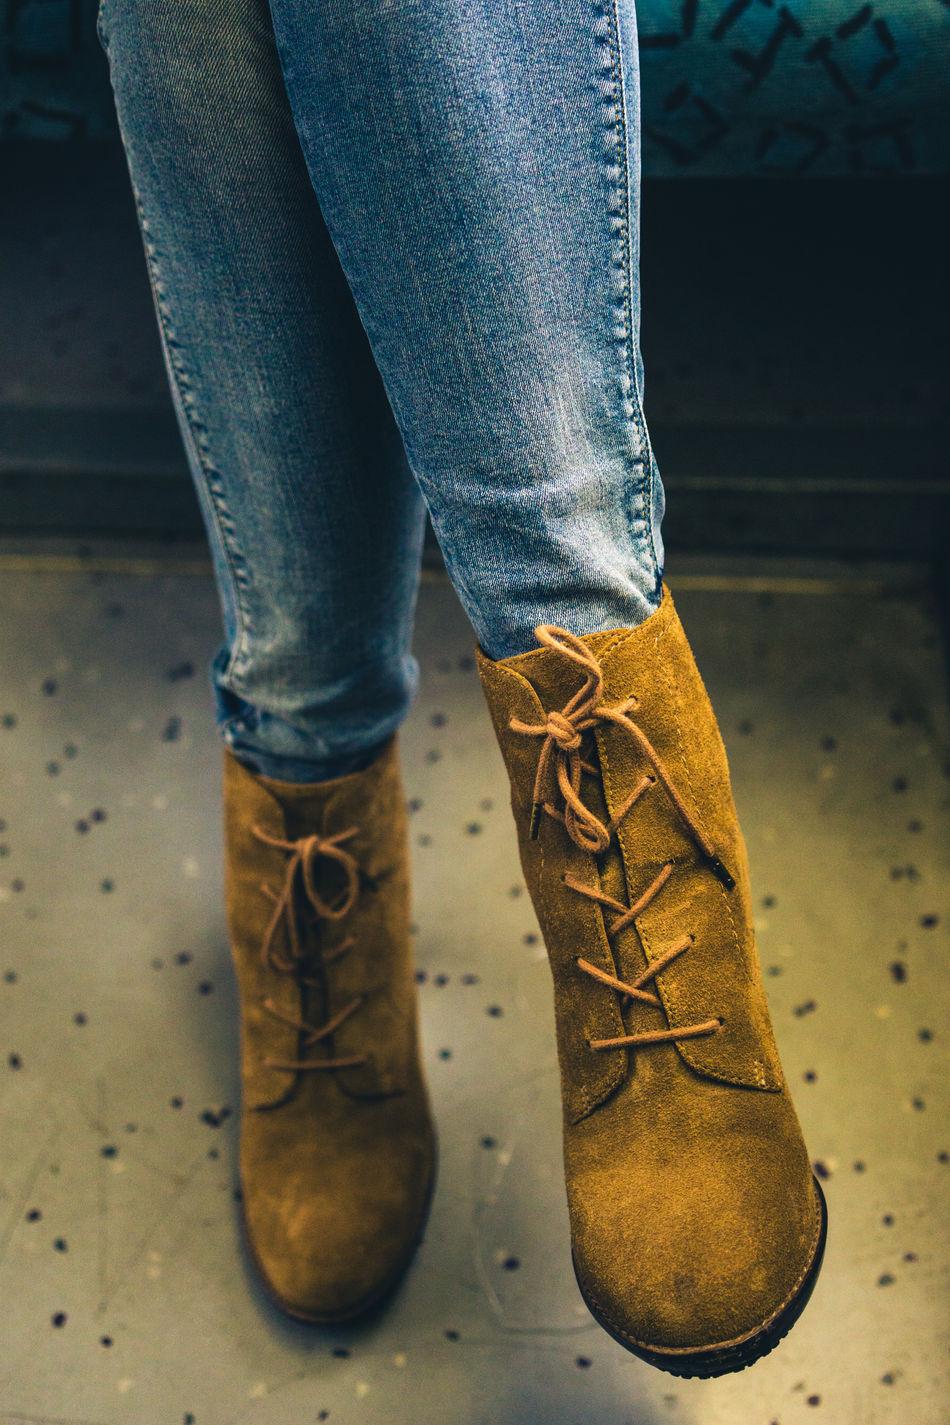 Woman's suede shoes Clothes Fashion Jeans Legs People Shoes Suède Train Urban Woman